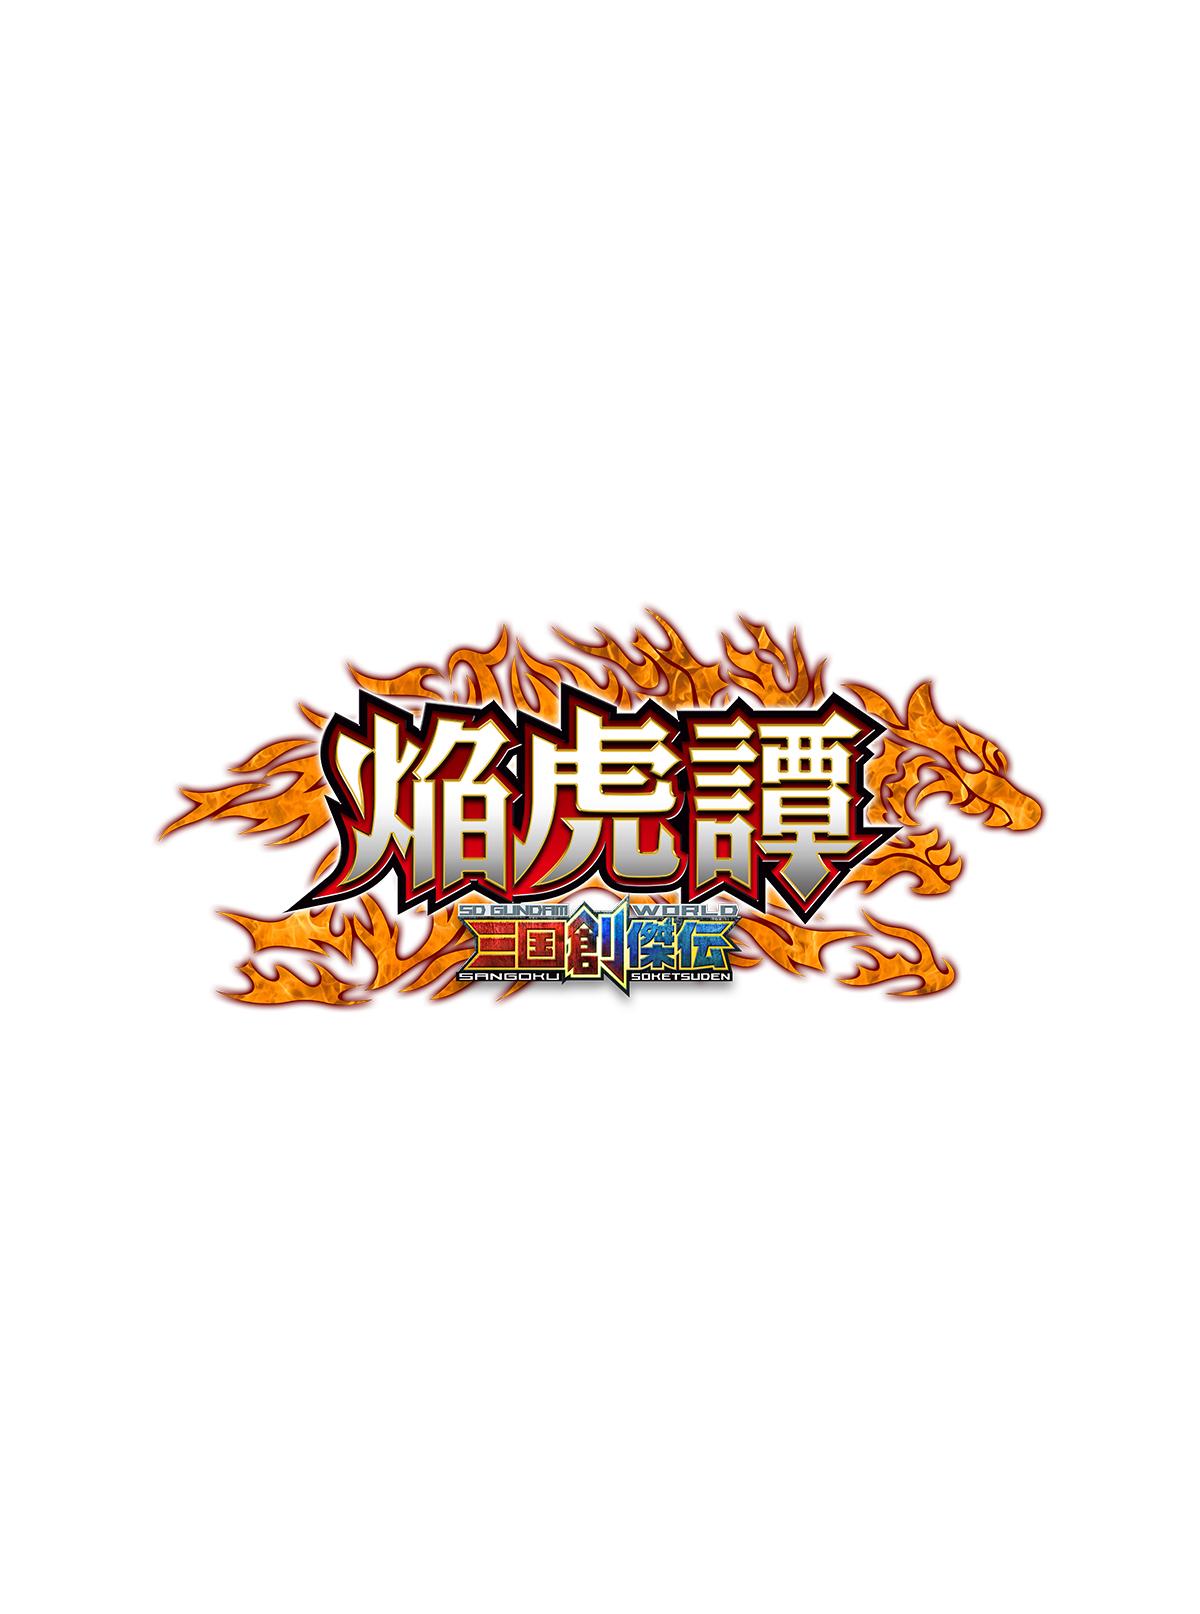 SDガンダムワールド 三国創傑伝 焔虎譚